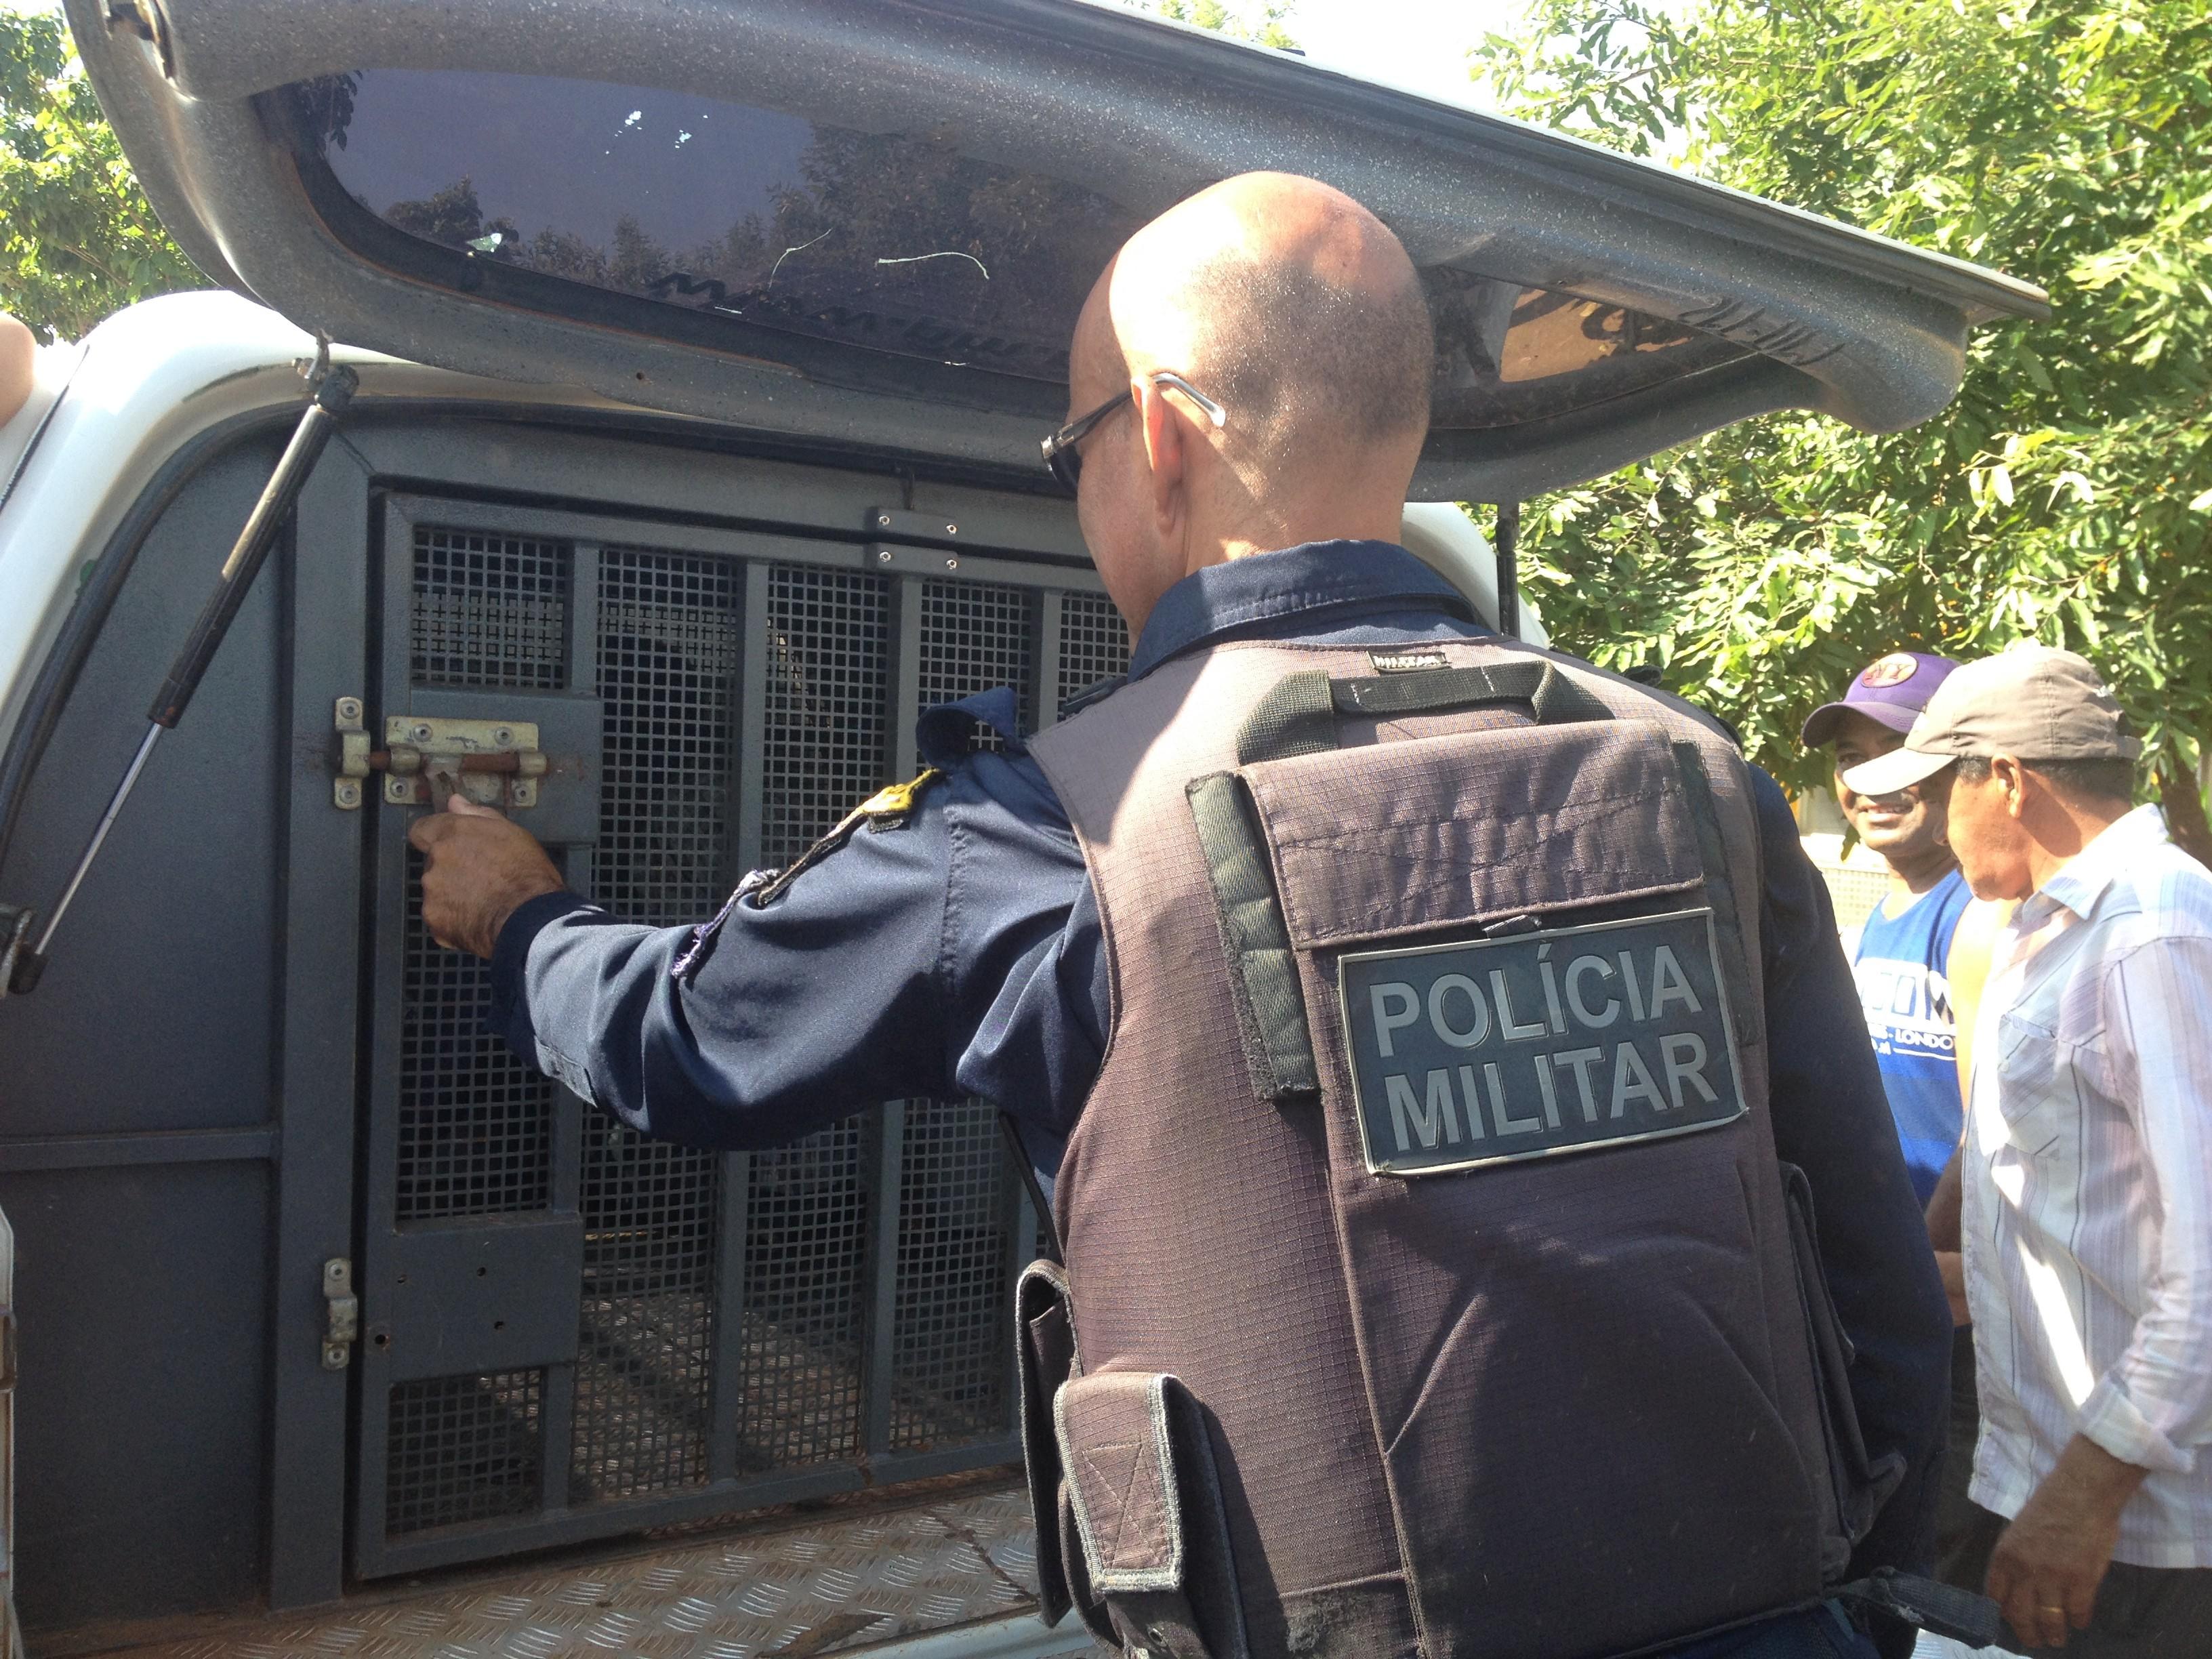 Jovem é preso por suspeita de tráfico de drogas no Bairro Balsa em Porto Velho